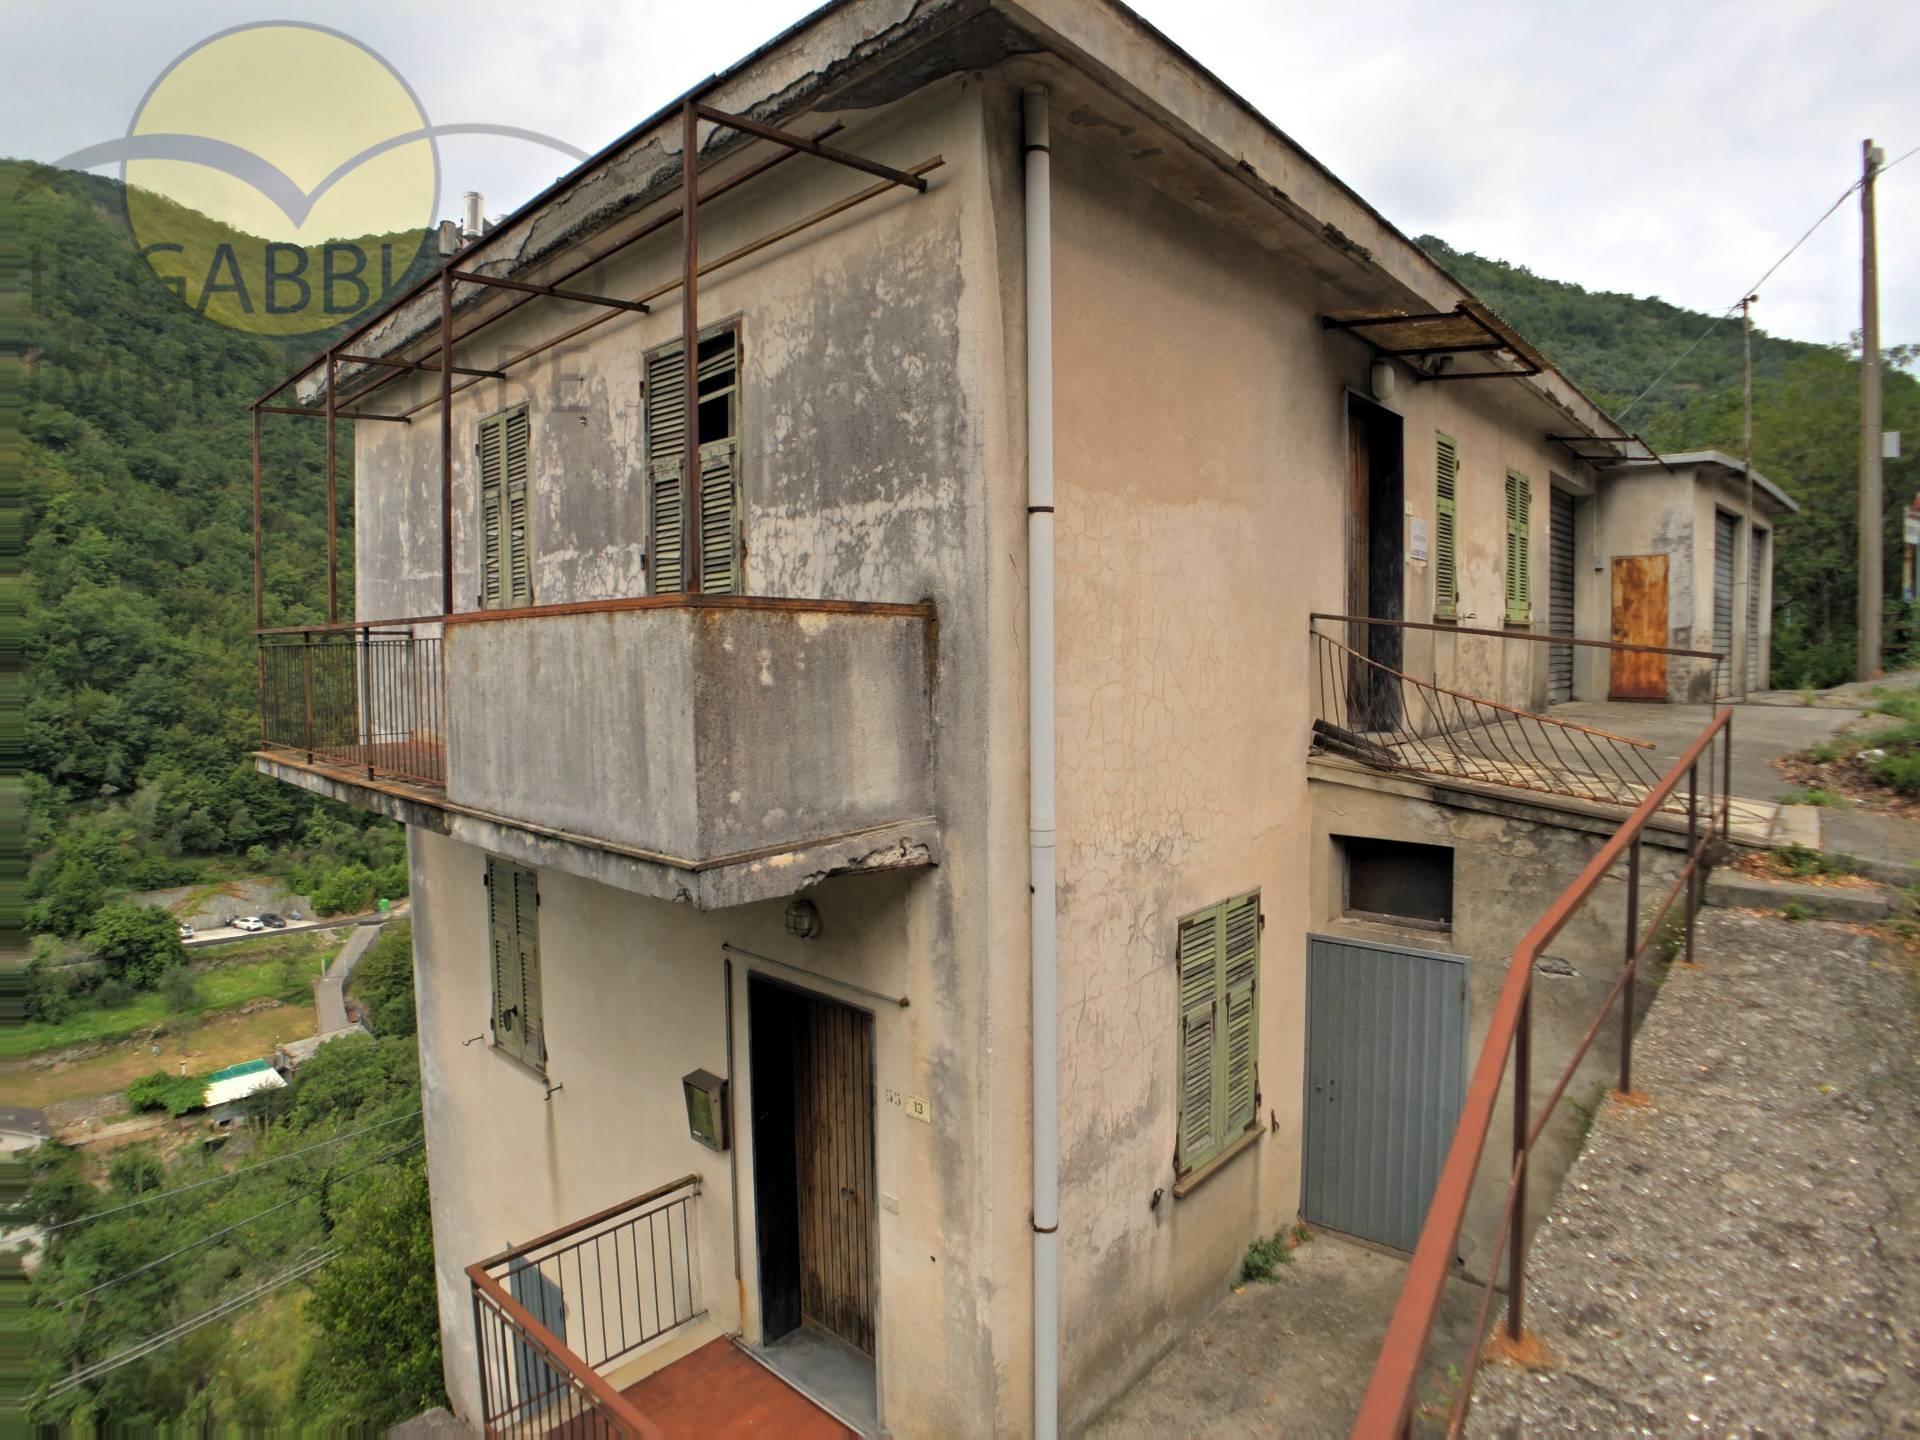 Appartamento in vendita a Avegno, 12 locali, zona Località: avegno, prezzo € 120.000 | CambioCasa.it